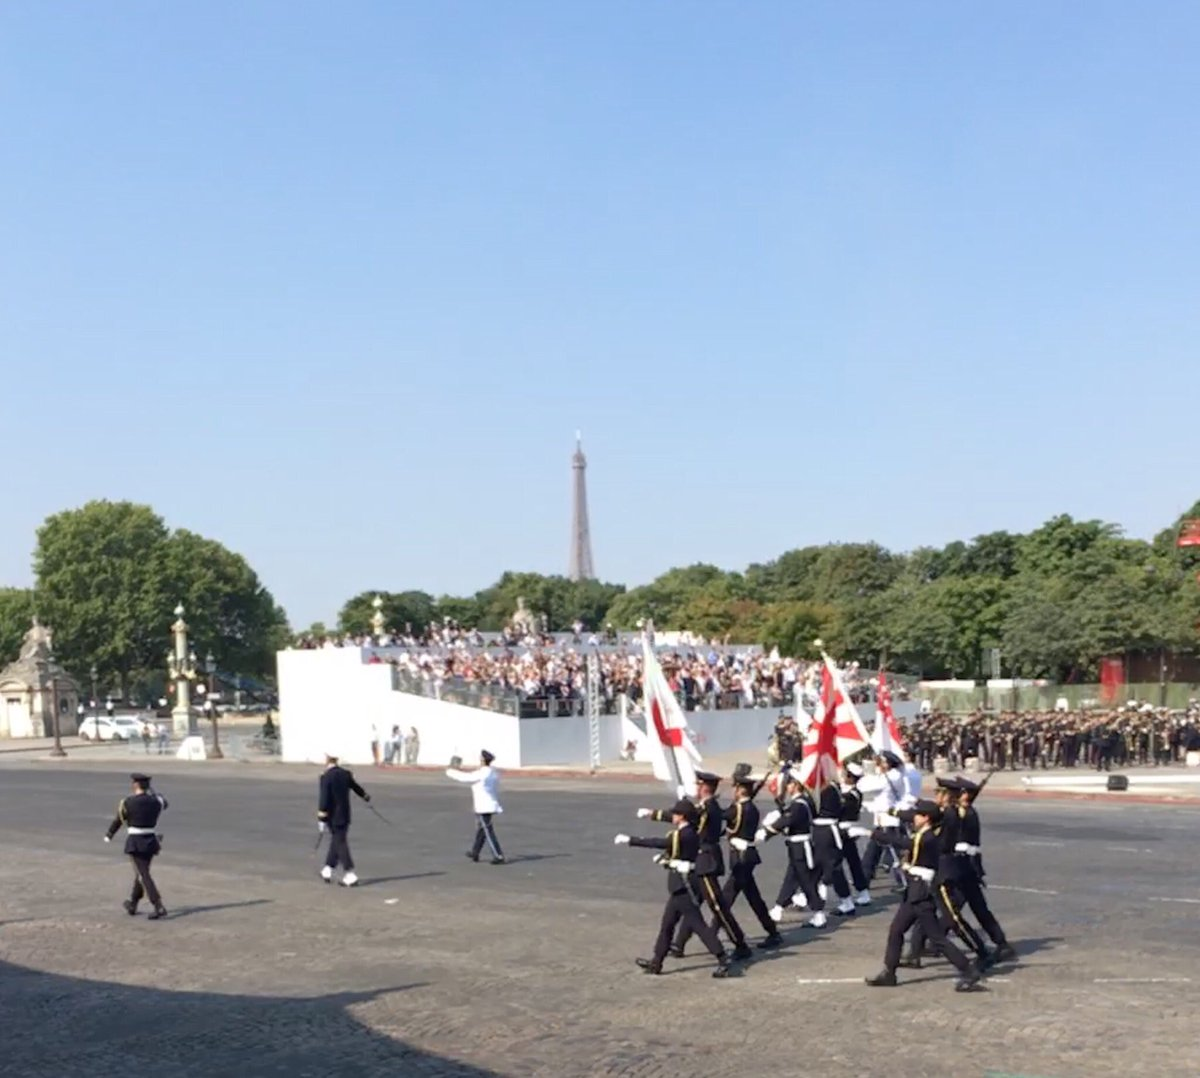 自衛隊がシンガポール軍と一緒に、フランス国旗をはさんでパレードの最初で行進しました。